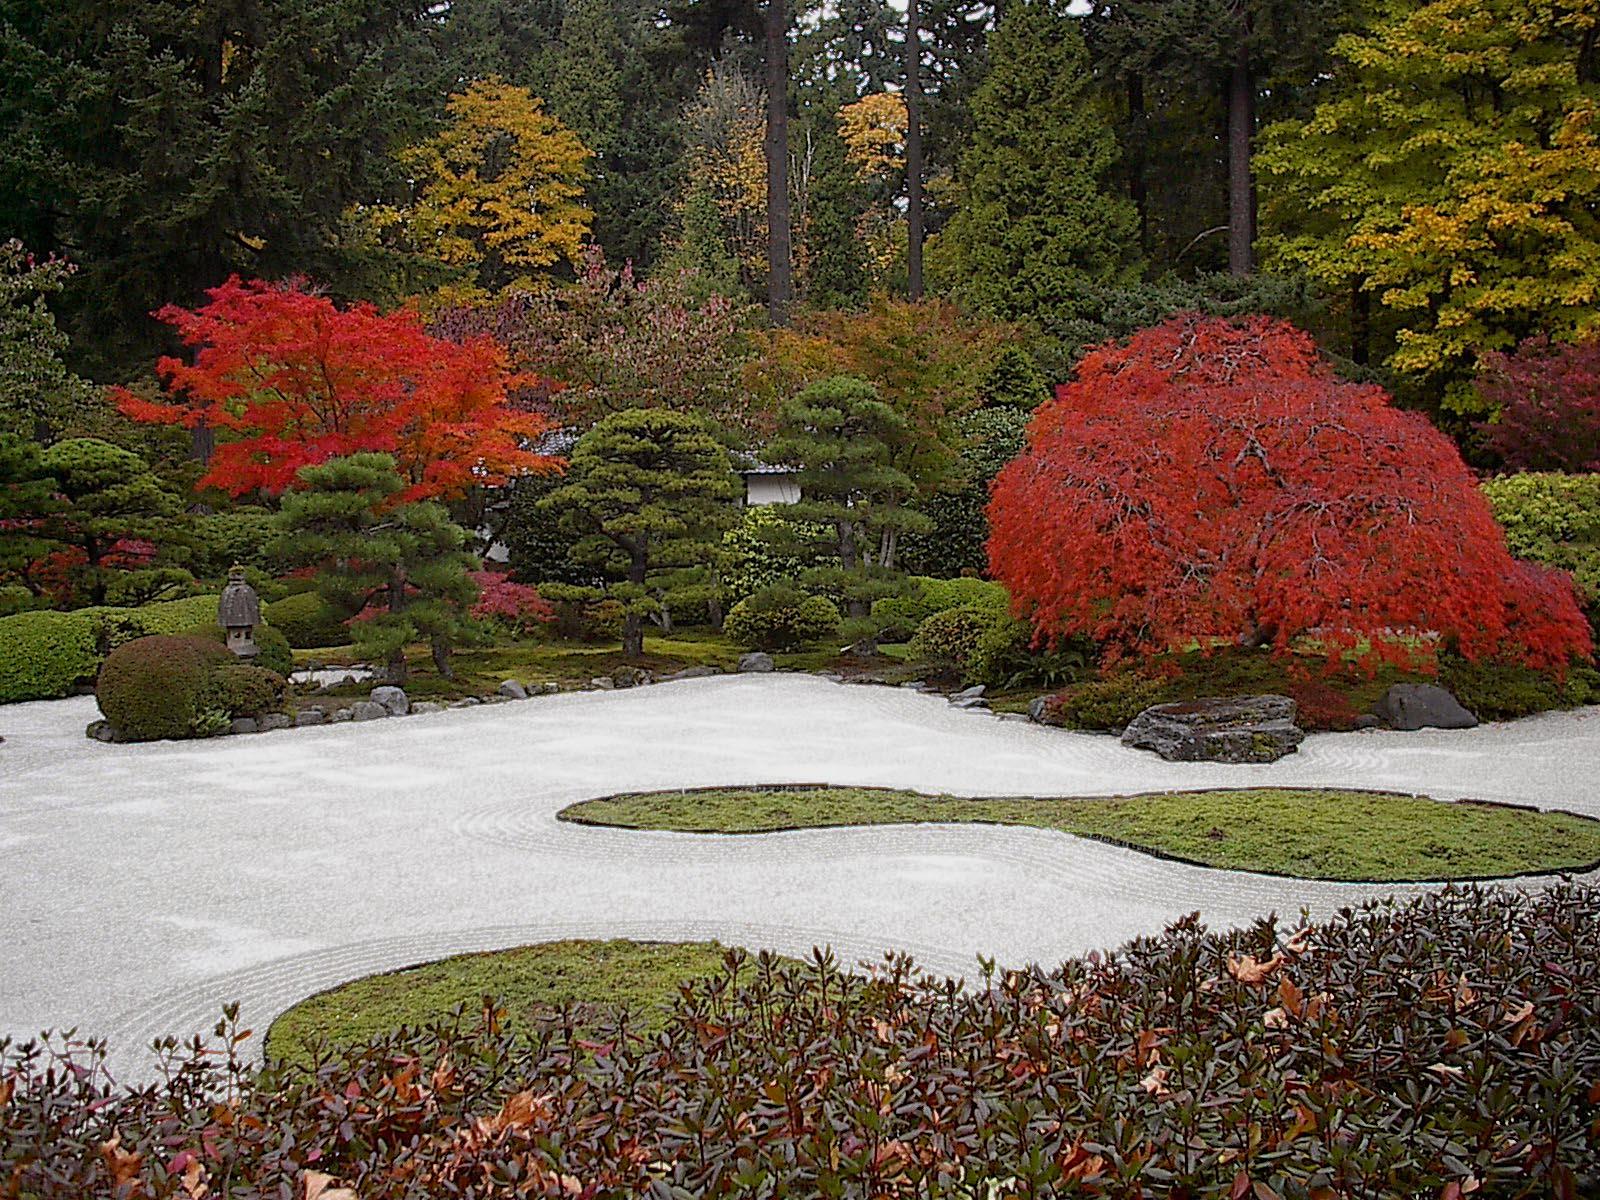 Японский сад Религии Японии дзен буддизм и синтоизм учат тому   Японский сад Религии Японии дзен буддизм и синтоизм учат тому что созерцание природы или ее уголков преображенных человеком помогает приблизиться к